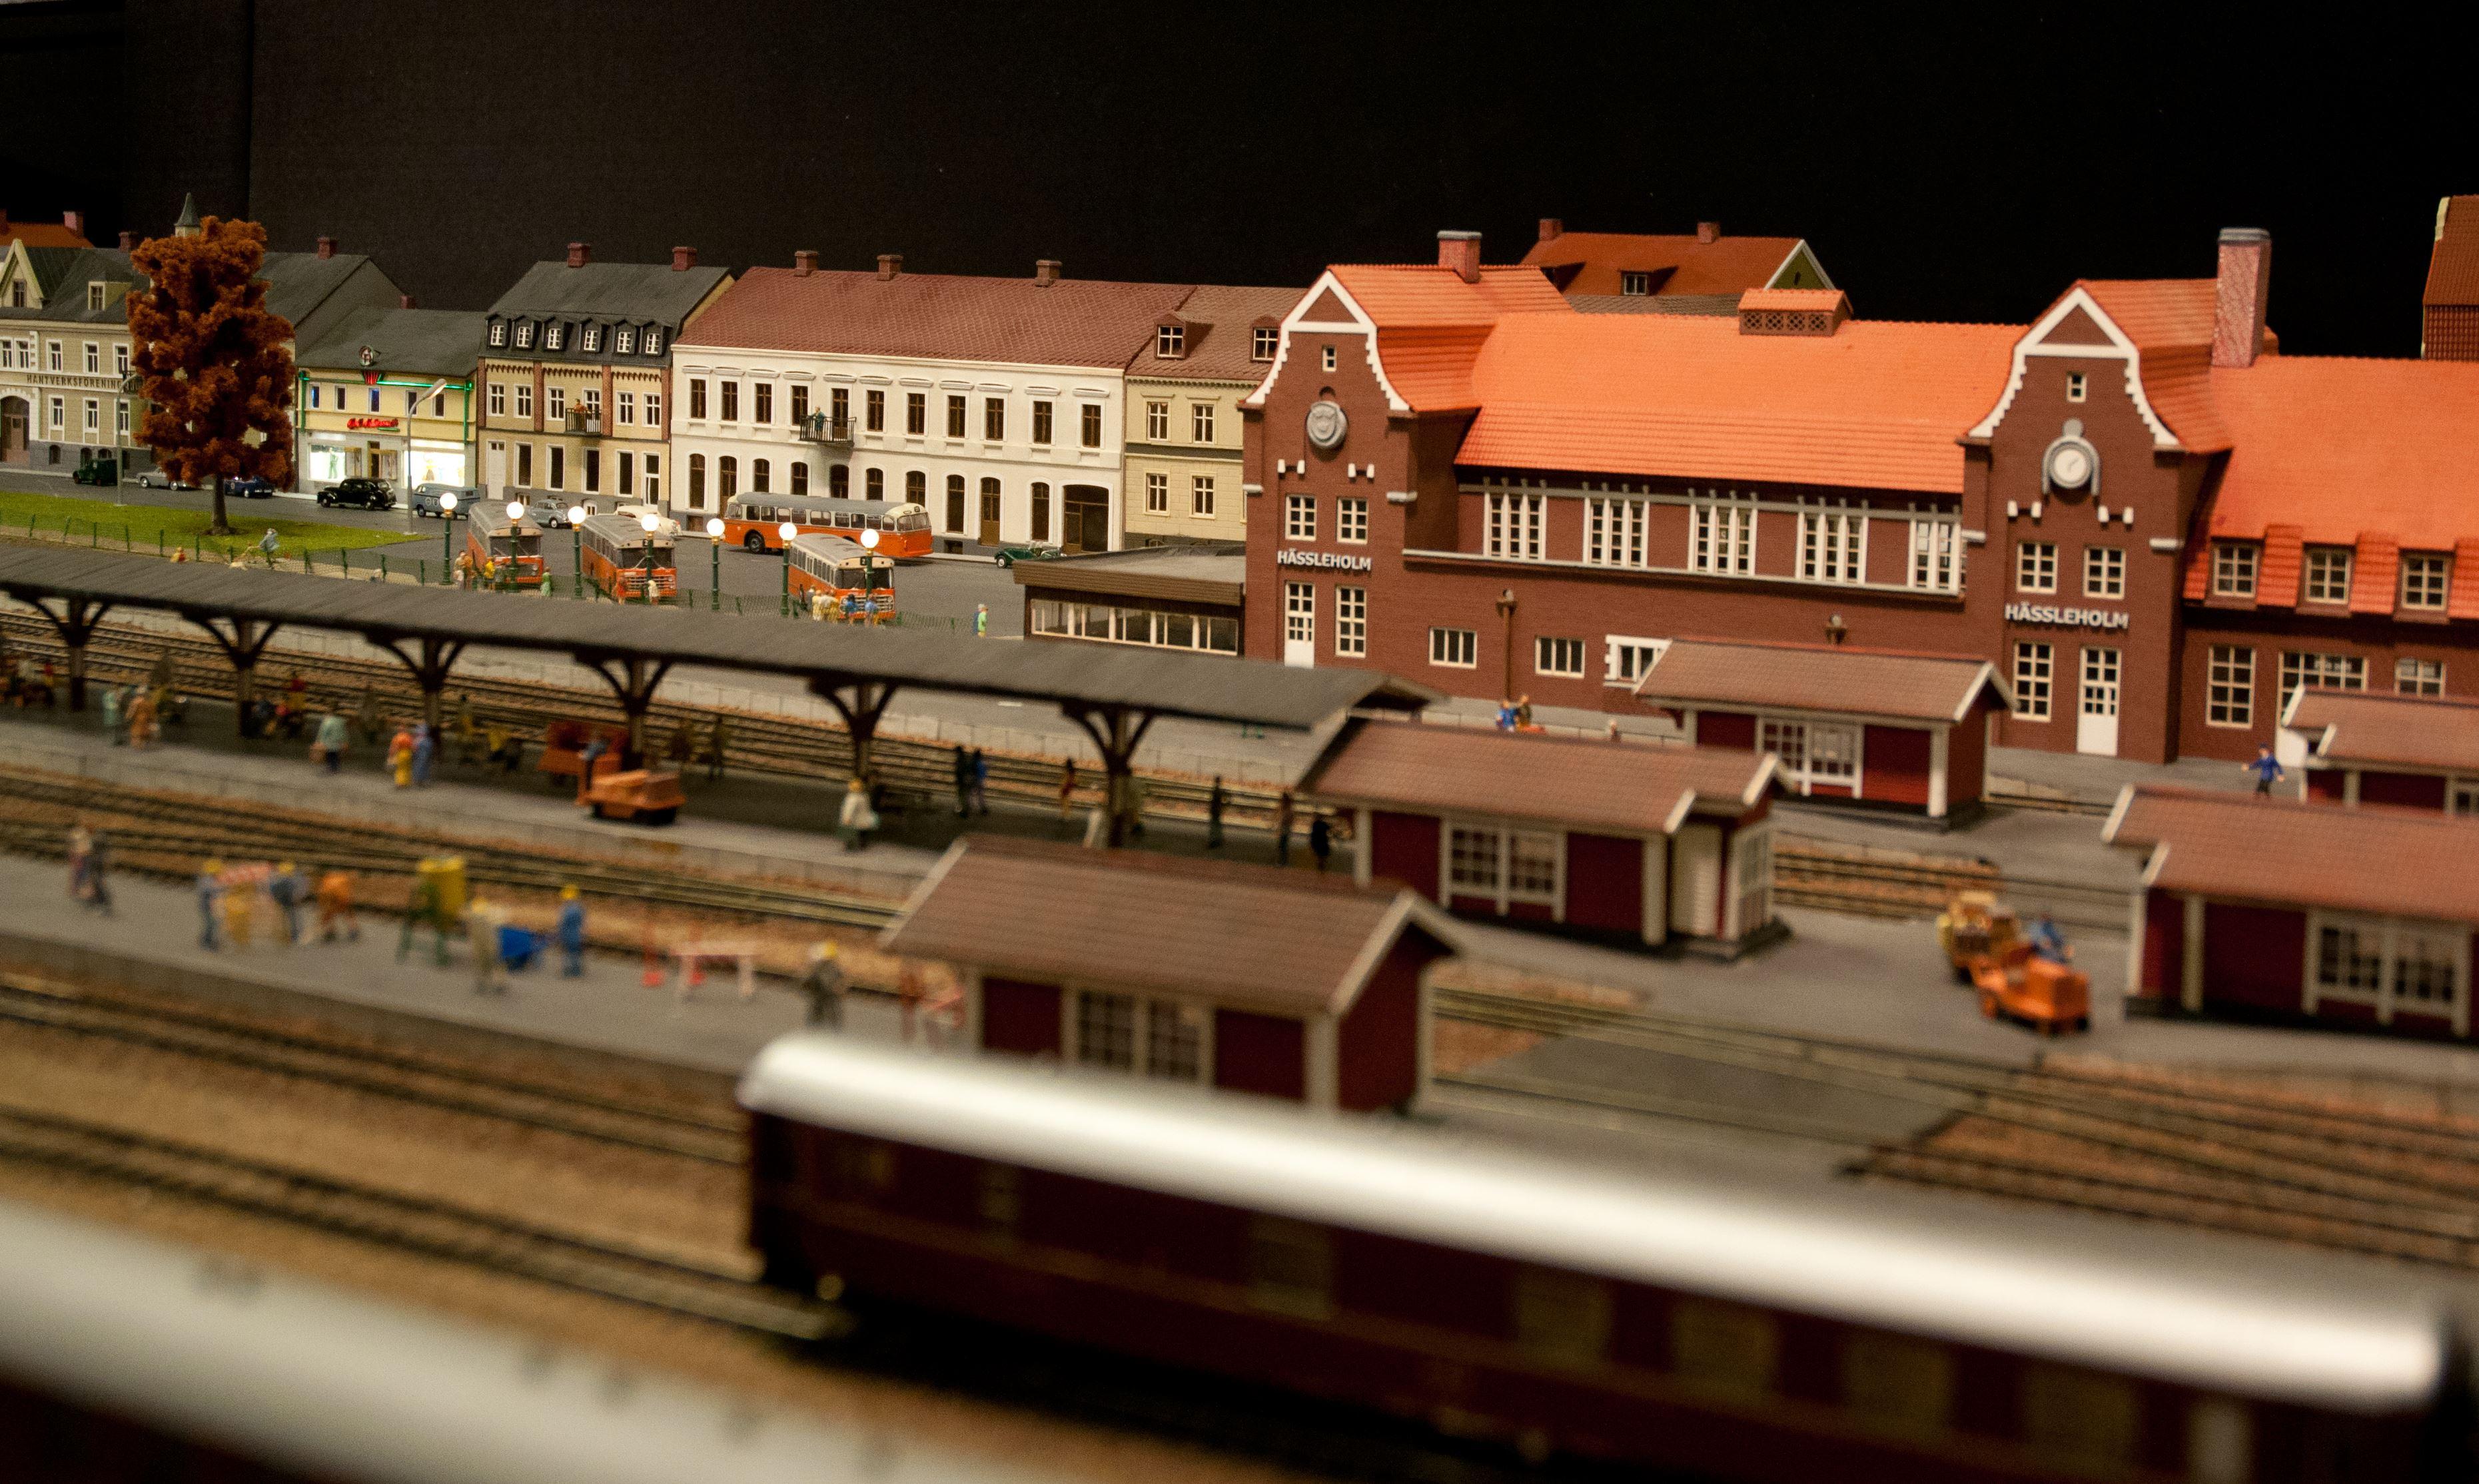 © Hässleholms Modelljärnväg, Die Modelleisenbahn – eine der größten in Schweden